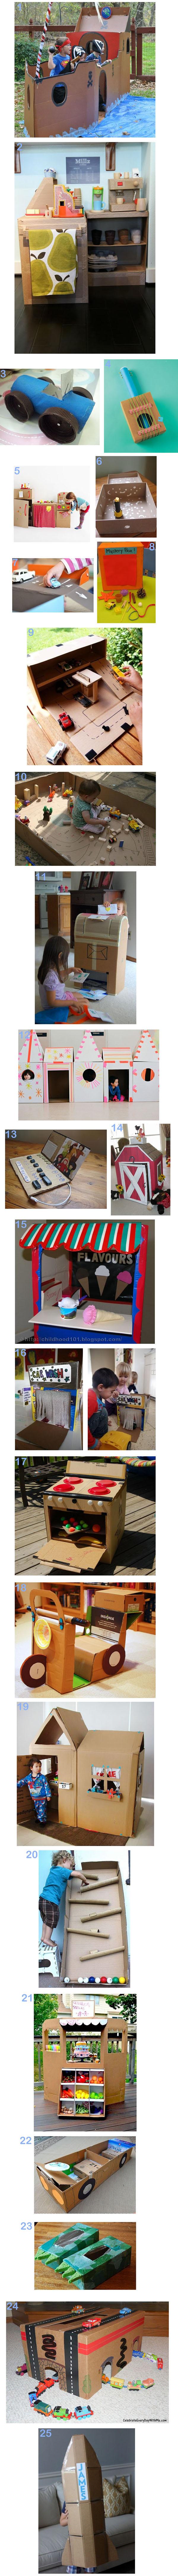 Cardboard-Box-Ideas.jpg